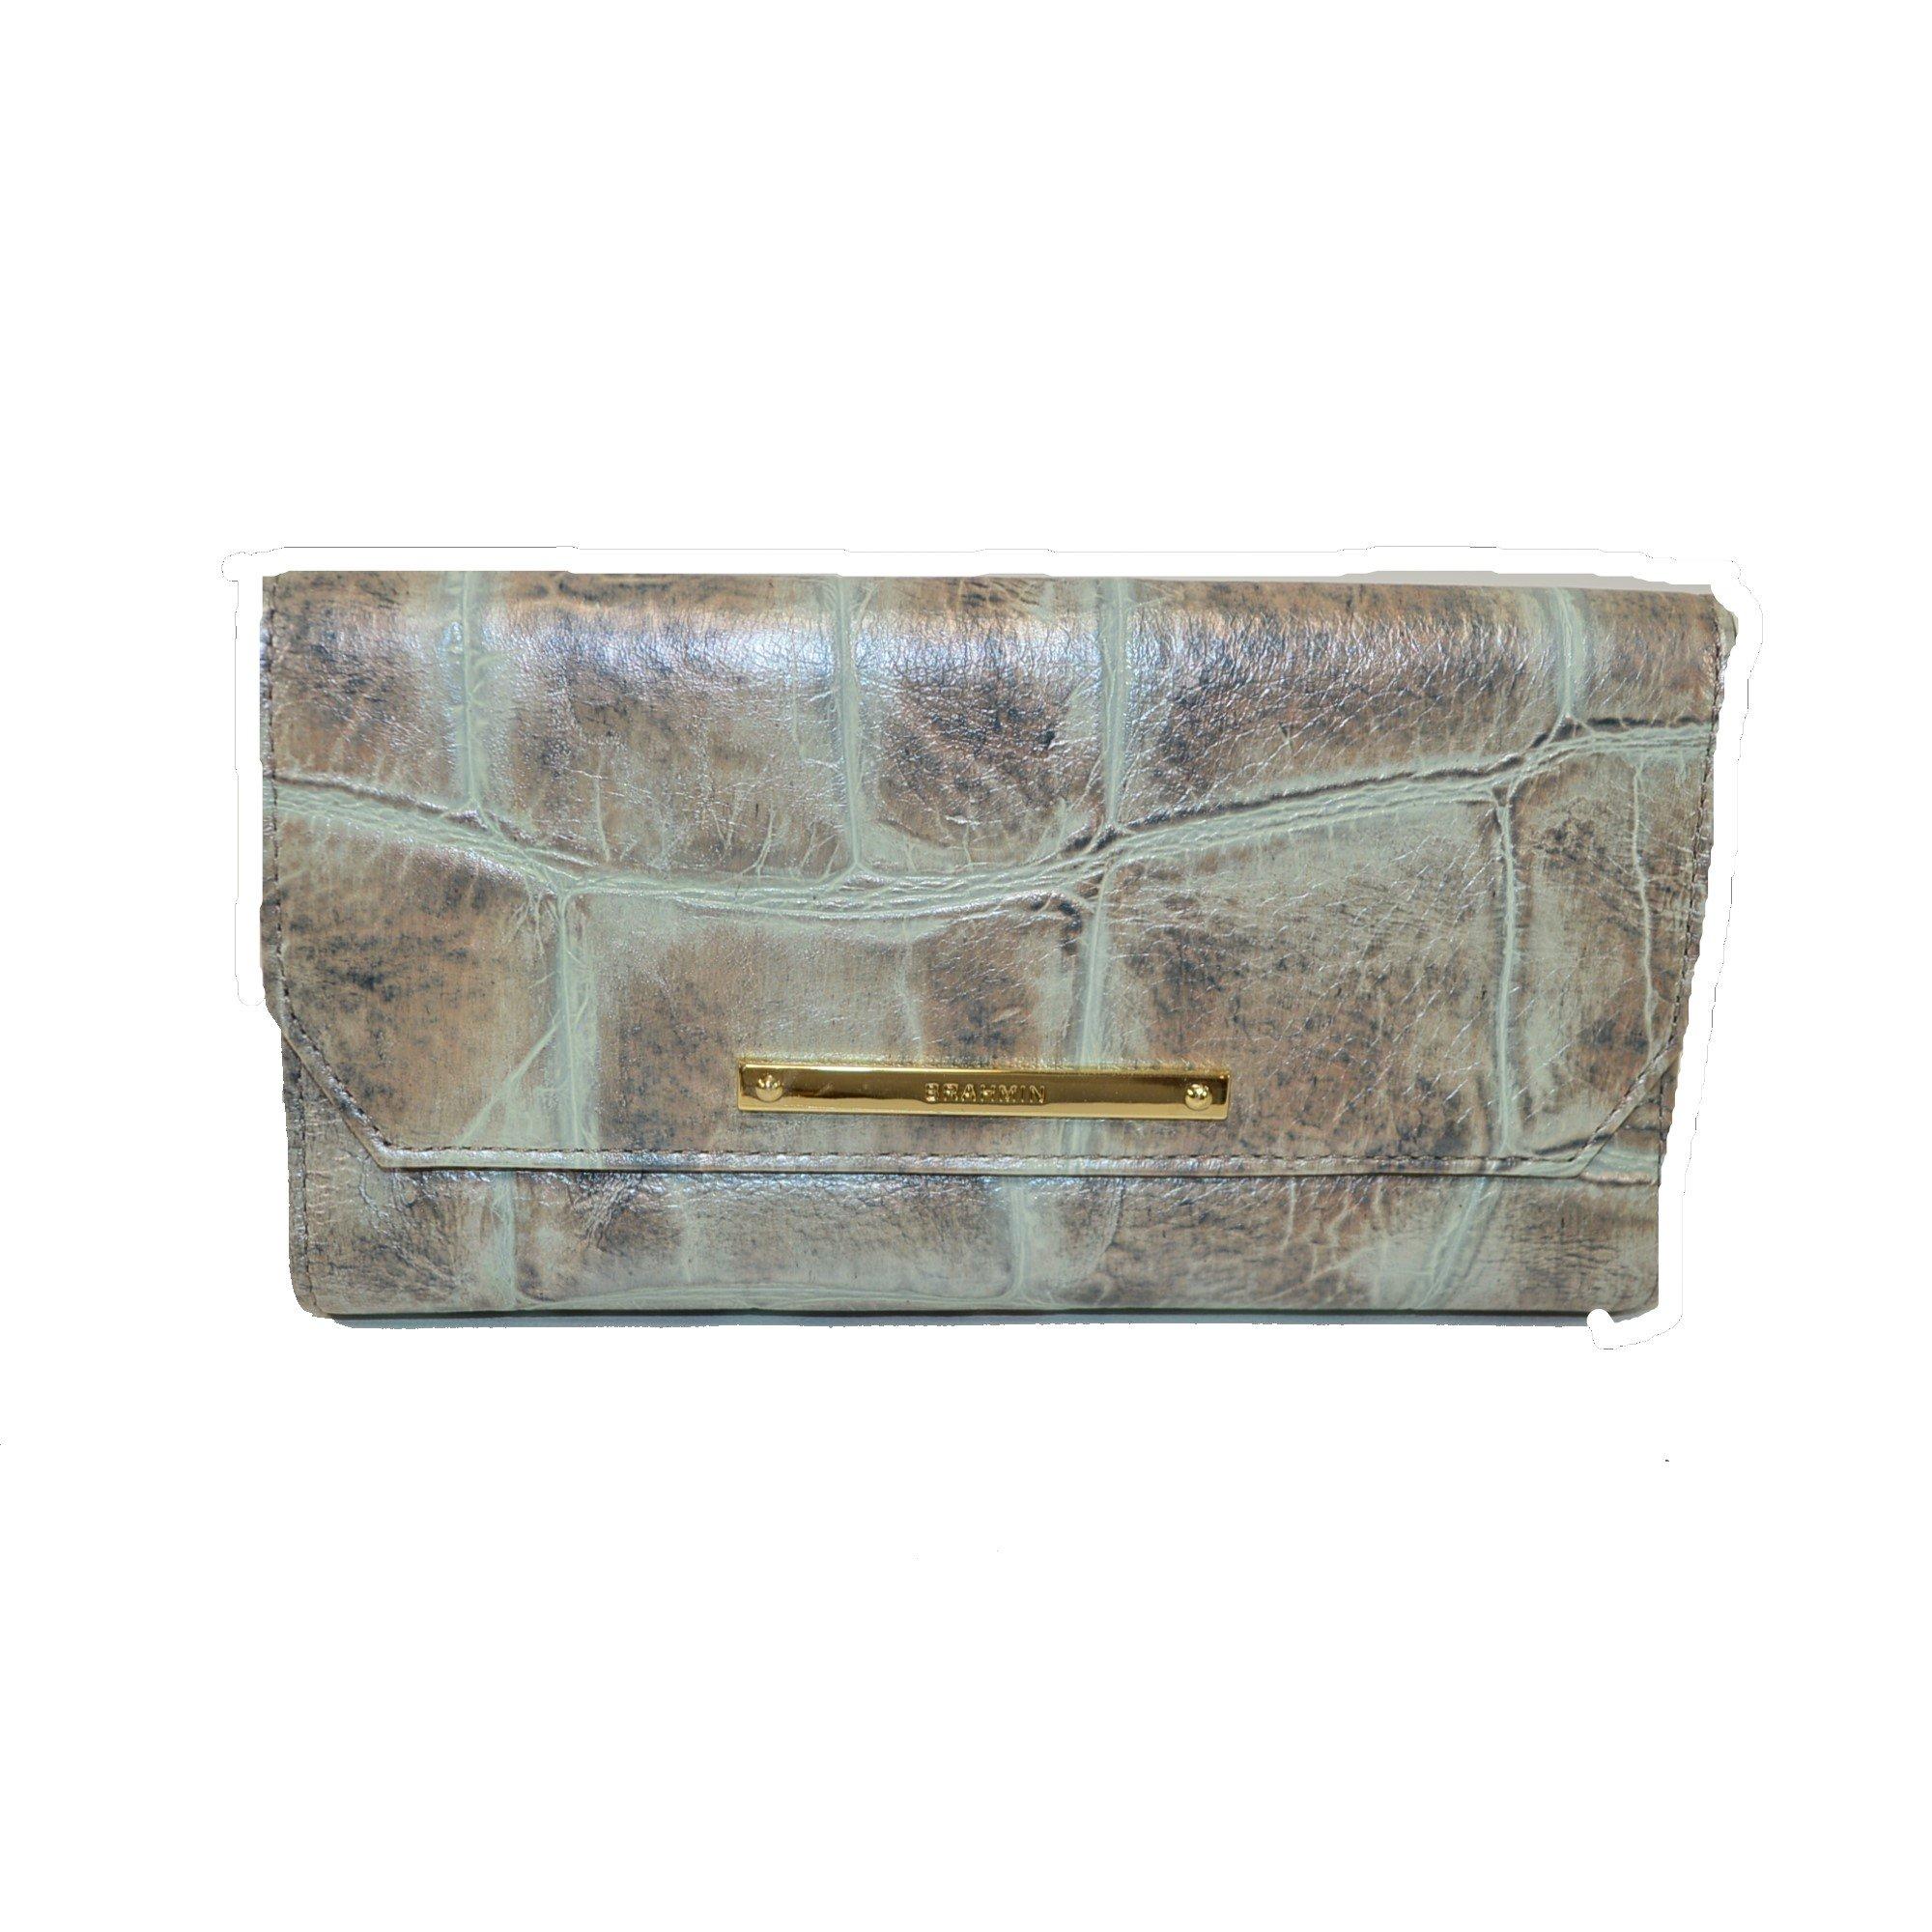 Brahmin Soft Checkbook wallet Pewter Majorelle G44 1185 by Brahmin